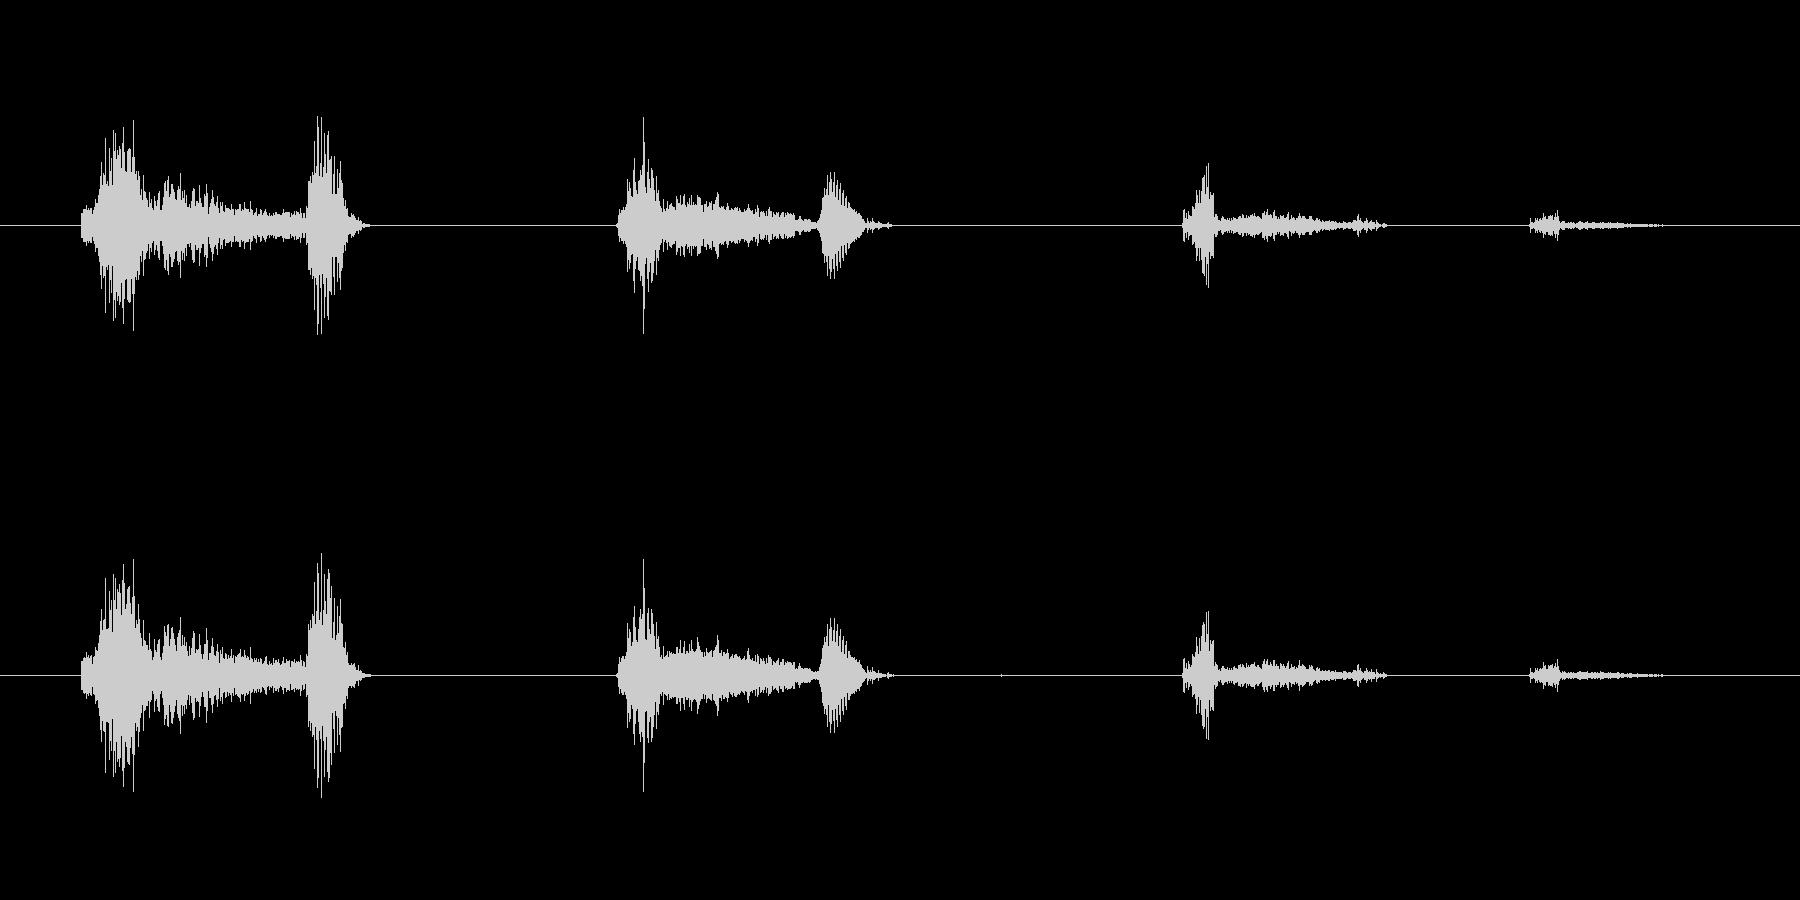 鳴き声 男性の咳のシーケンス01の未再生の波形